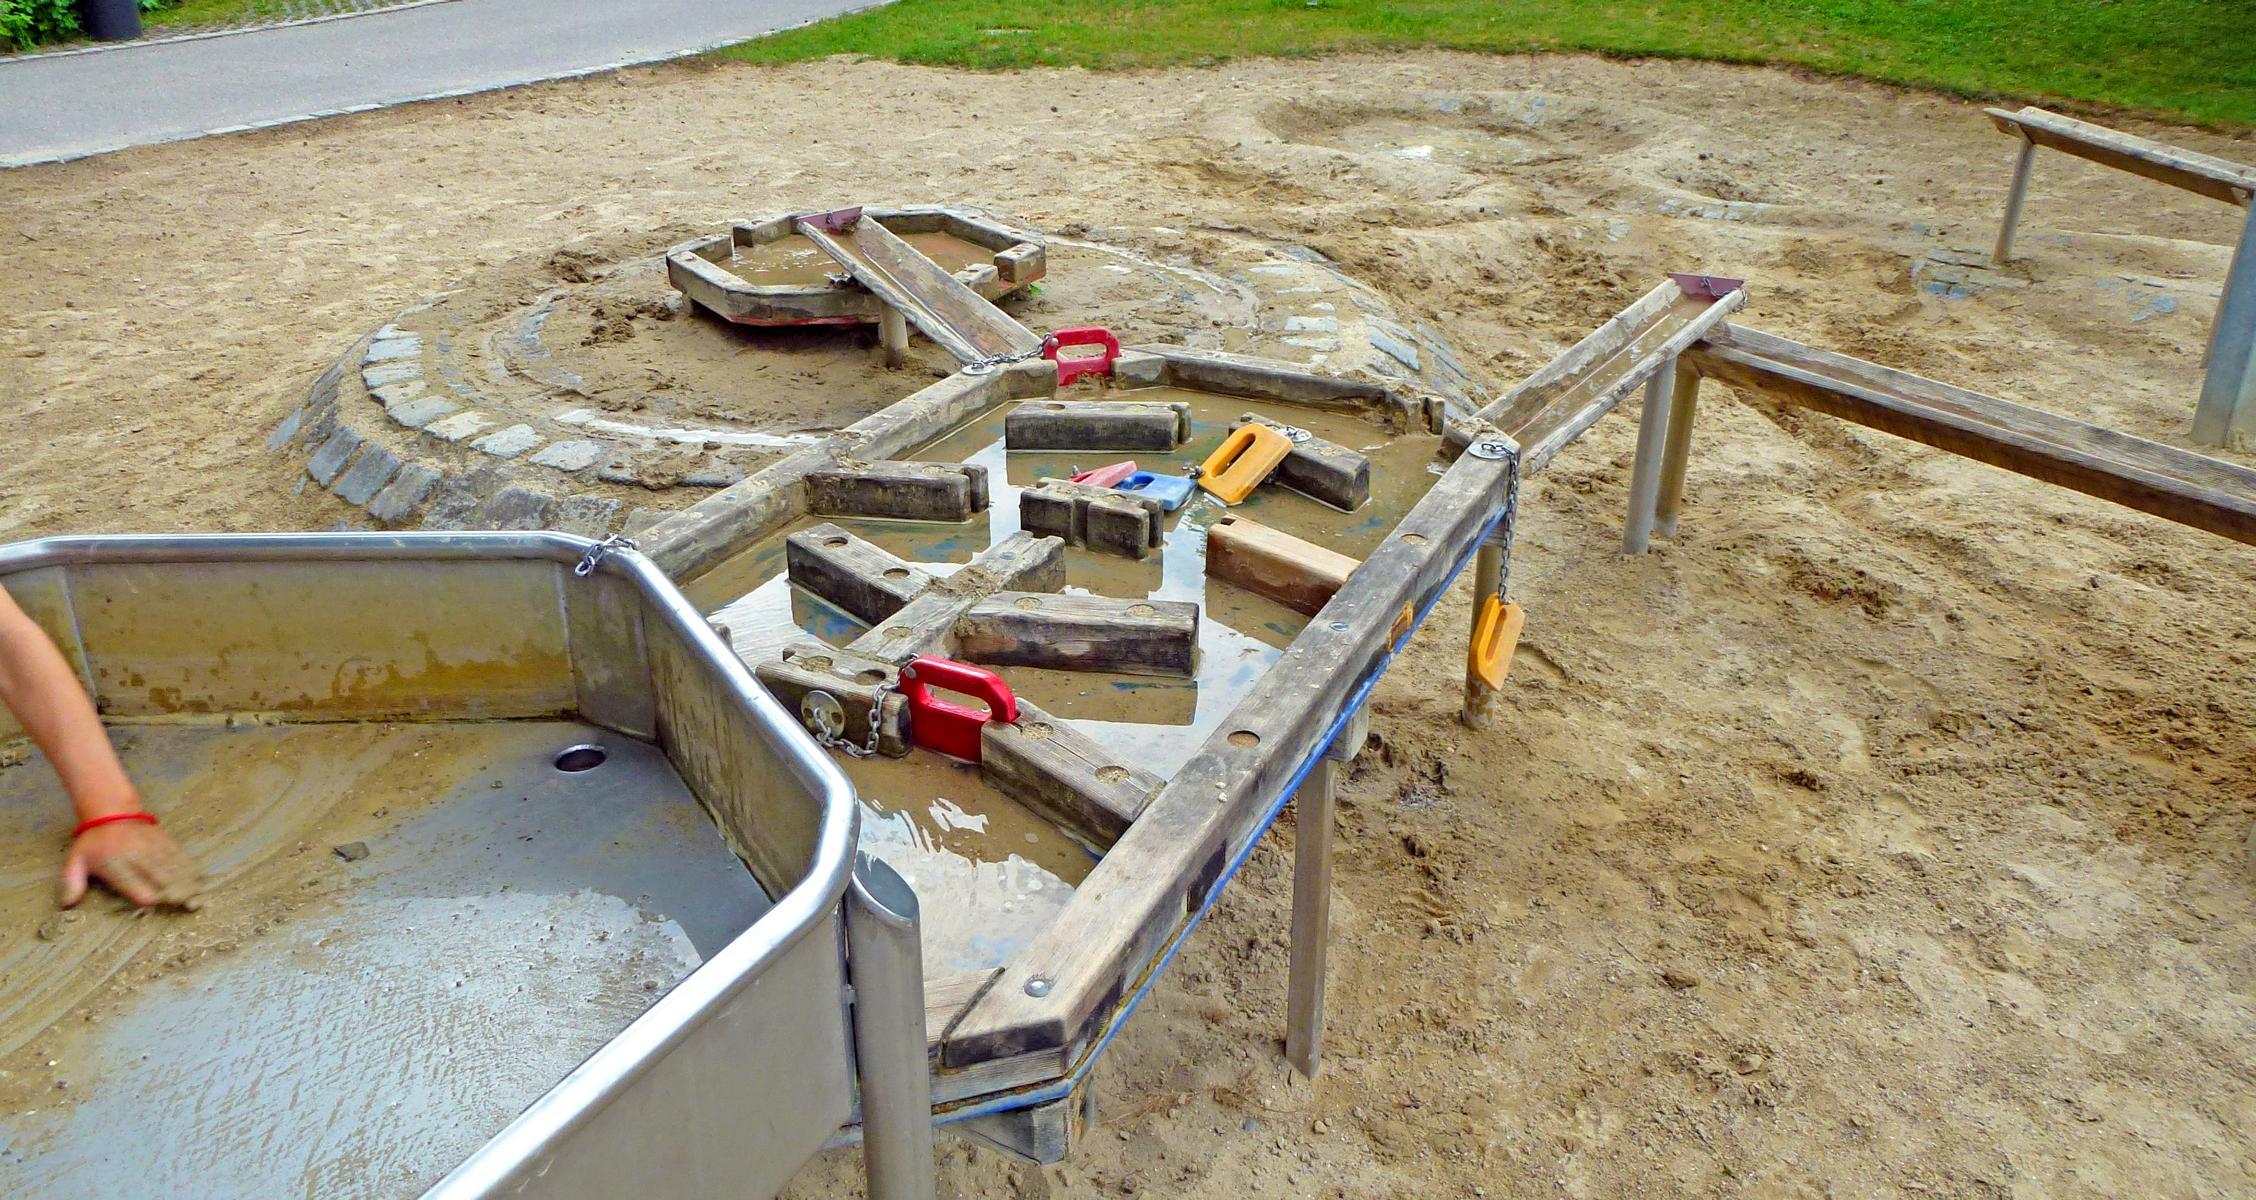 Outdoor Küchen Wasserburg : Outdoorküche möbel gebraucht kaufen ebay kleinanzeigen